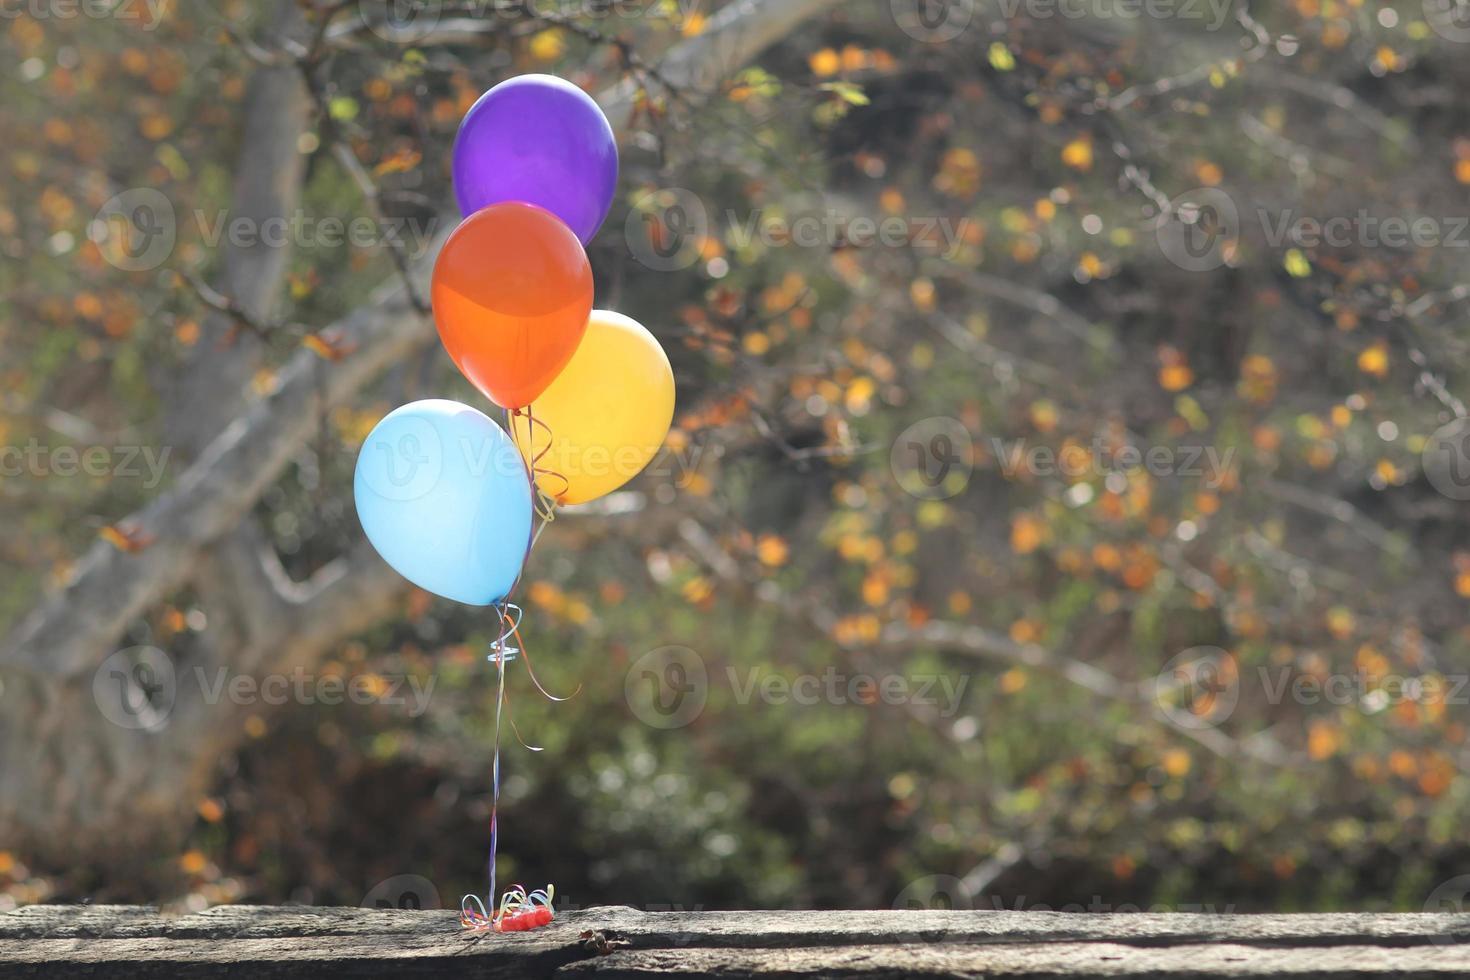 Ballons im Freien bei einer Feier mit Kopienraum foto